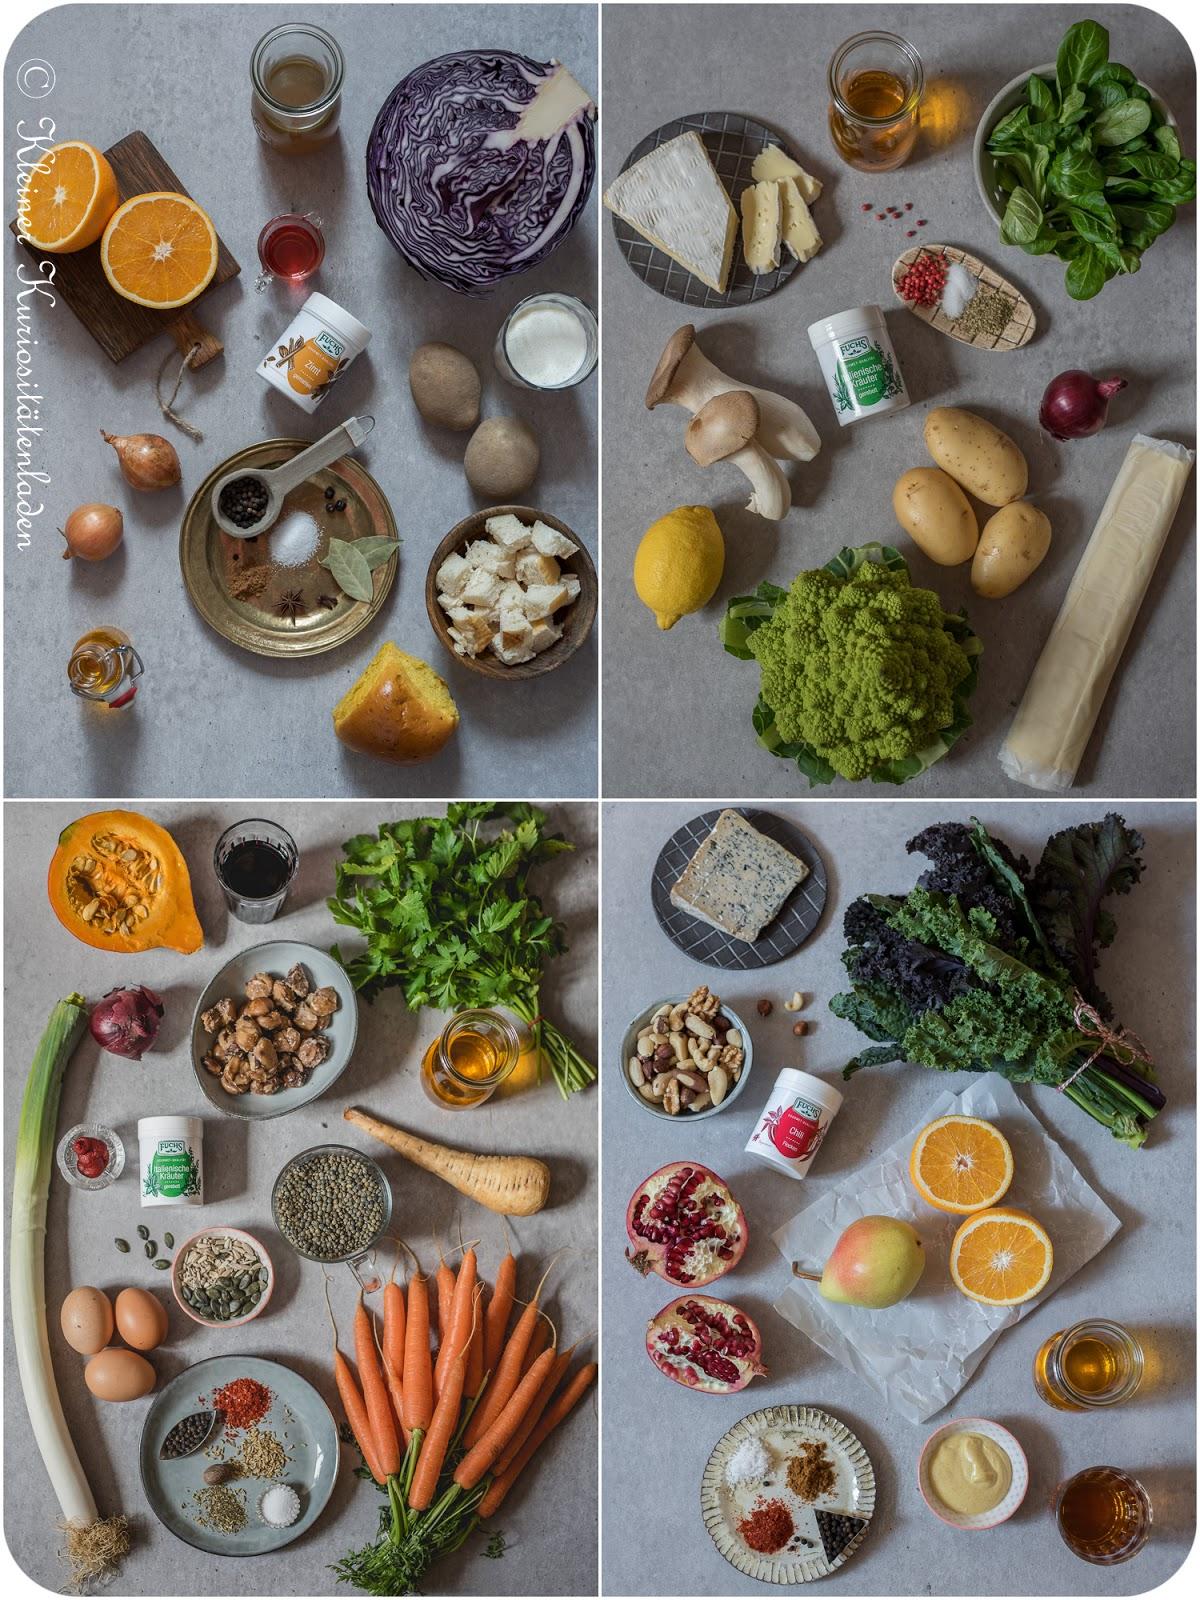 Mein vegetarisches Weihnachtsmenü - Die Zutaten